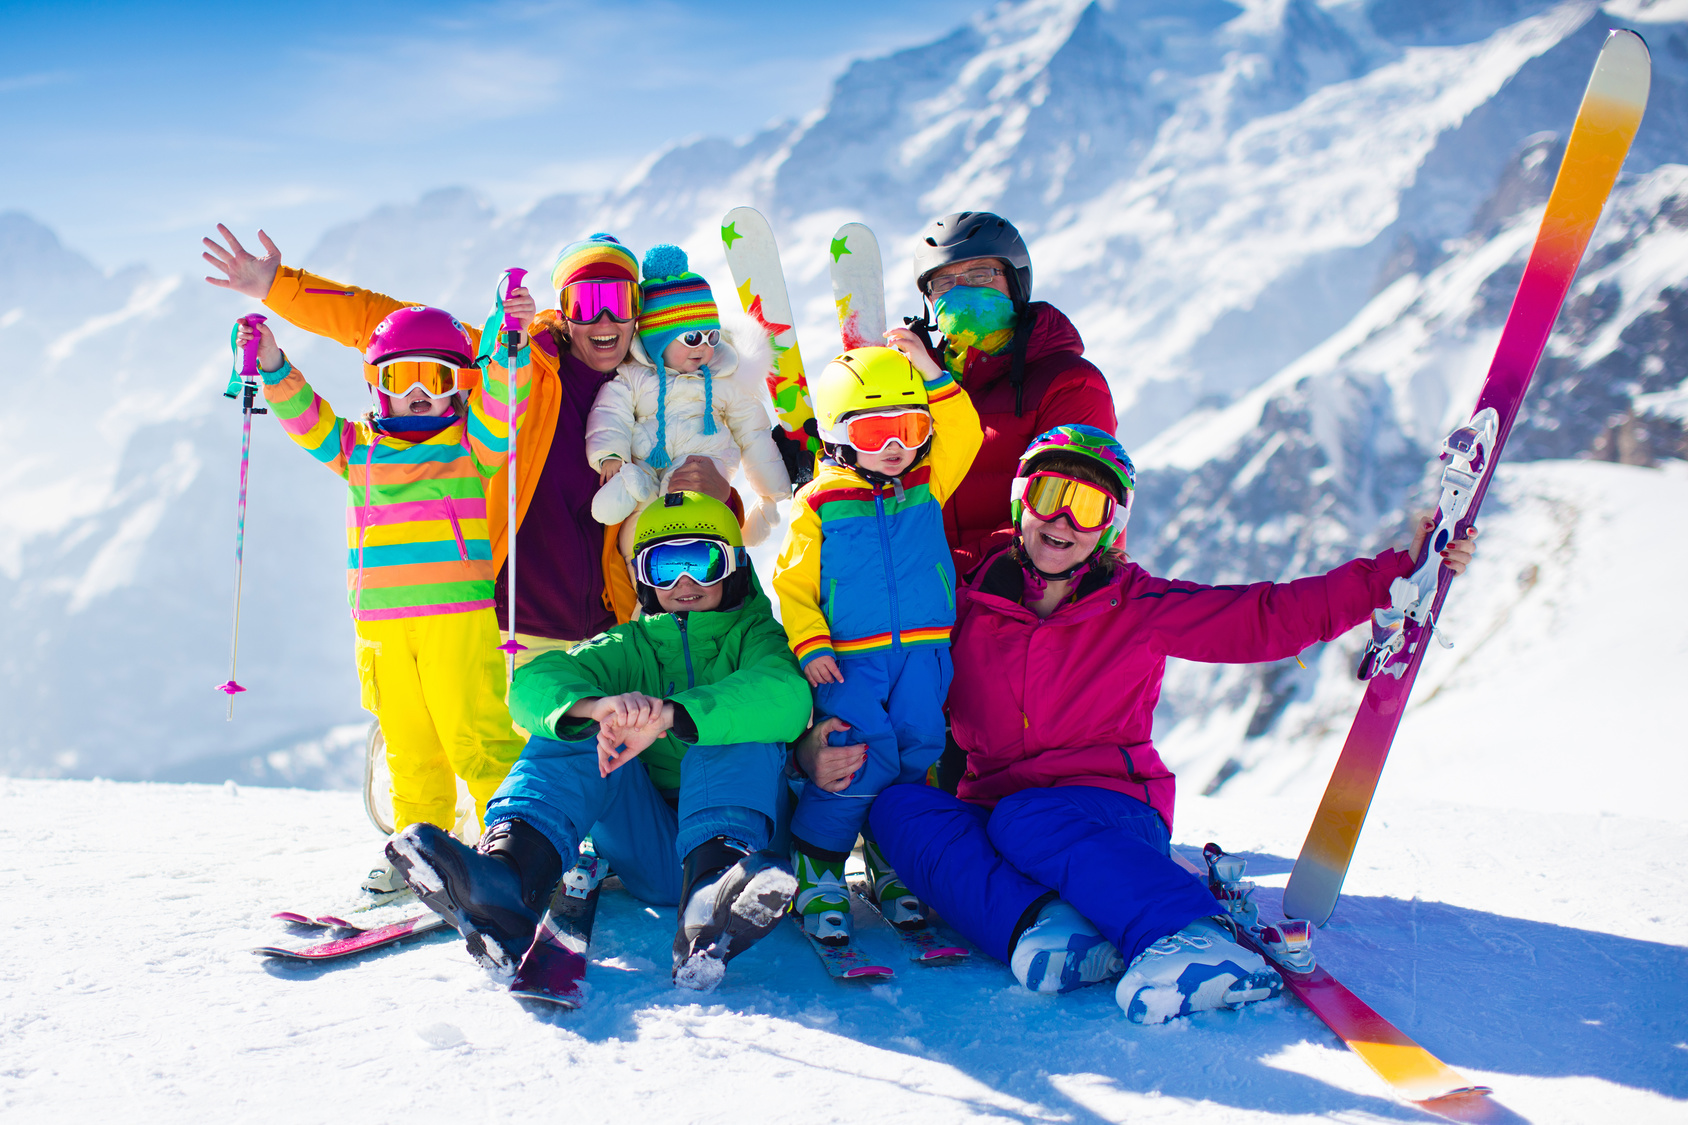 Zima 2017/18 - rodzinne ferie i wyjazdy na narty